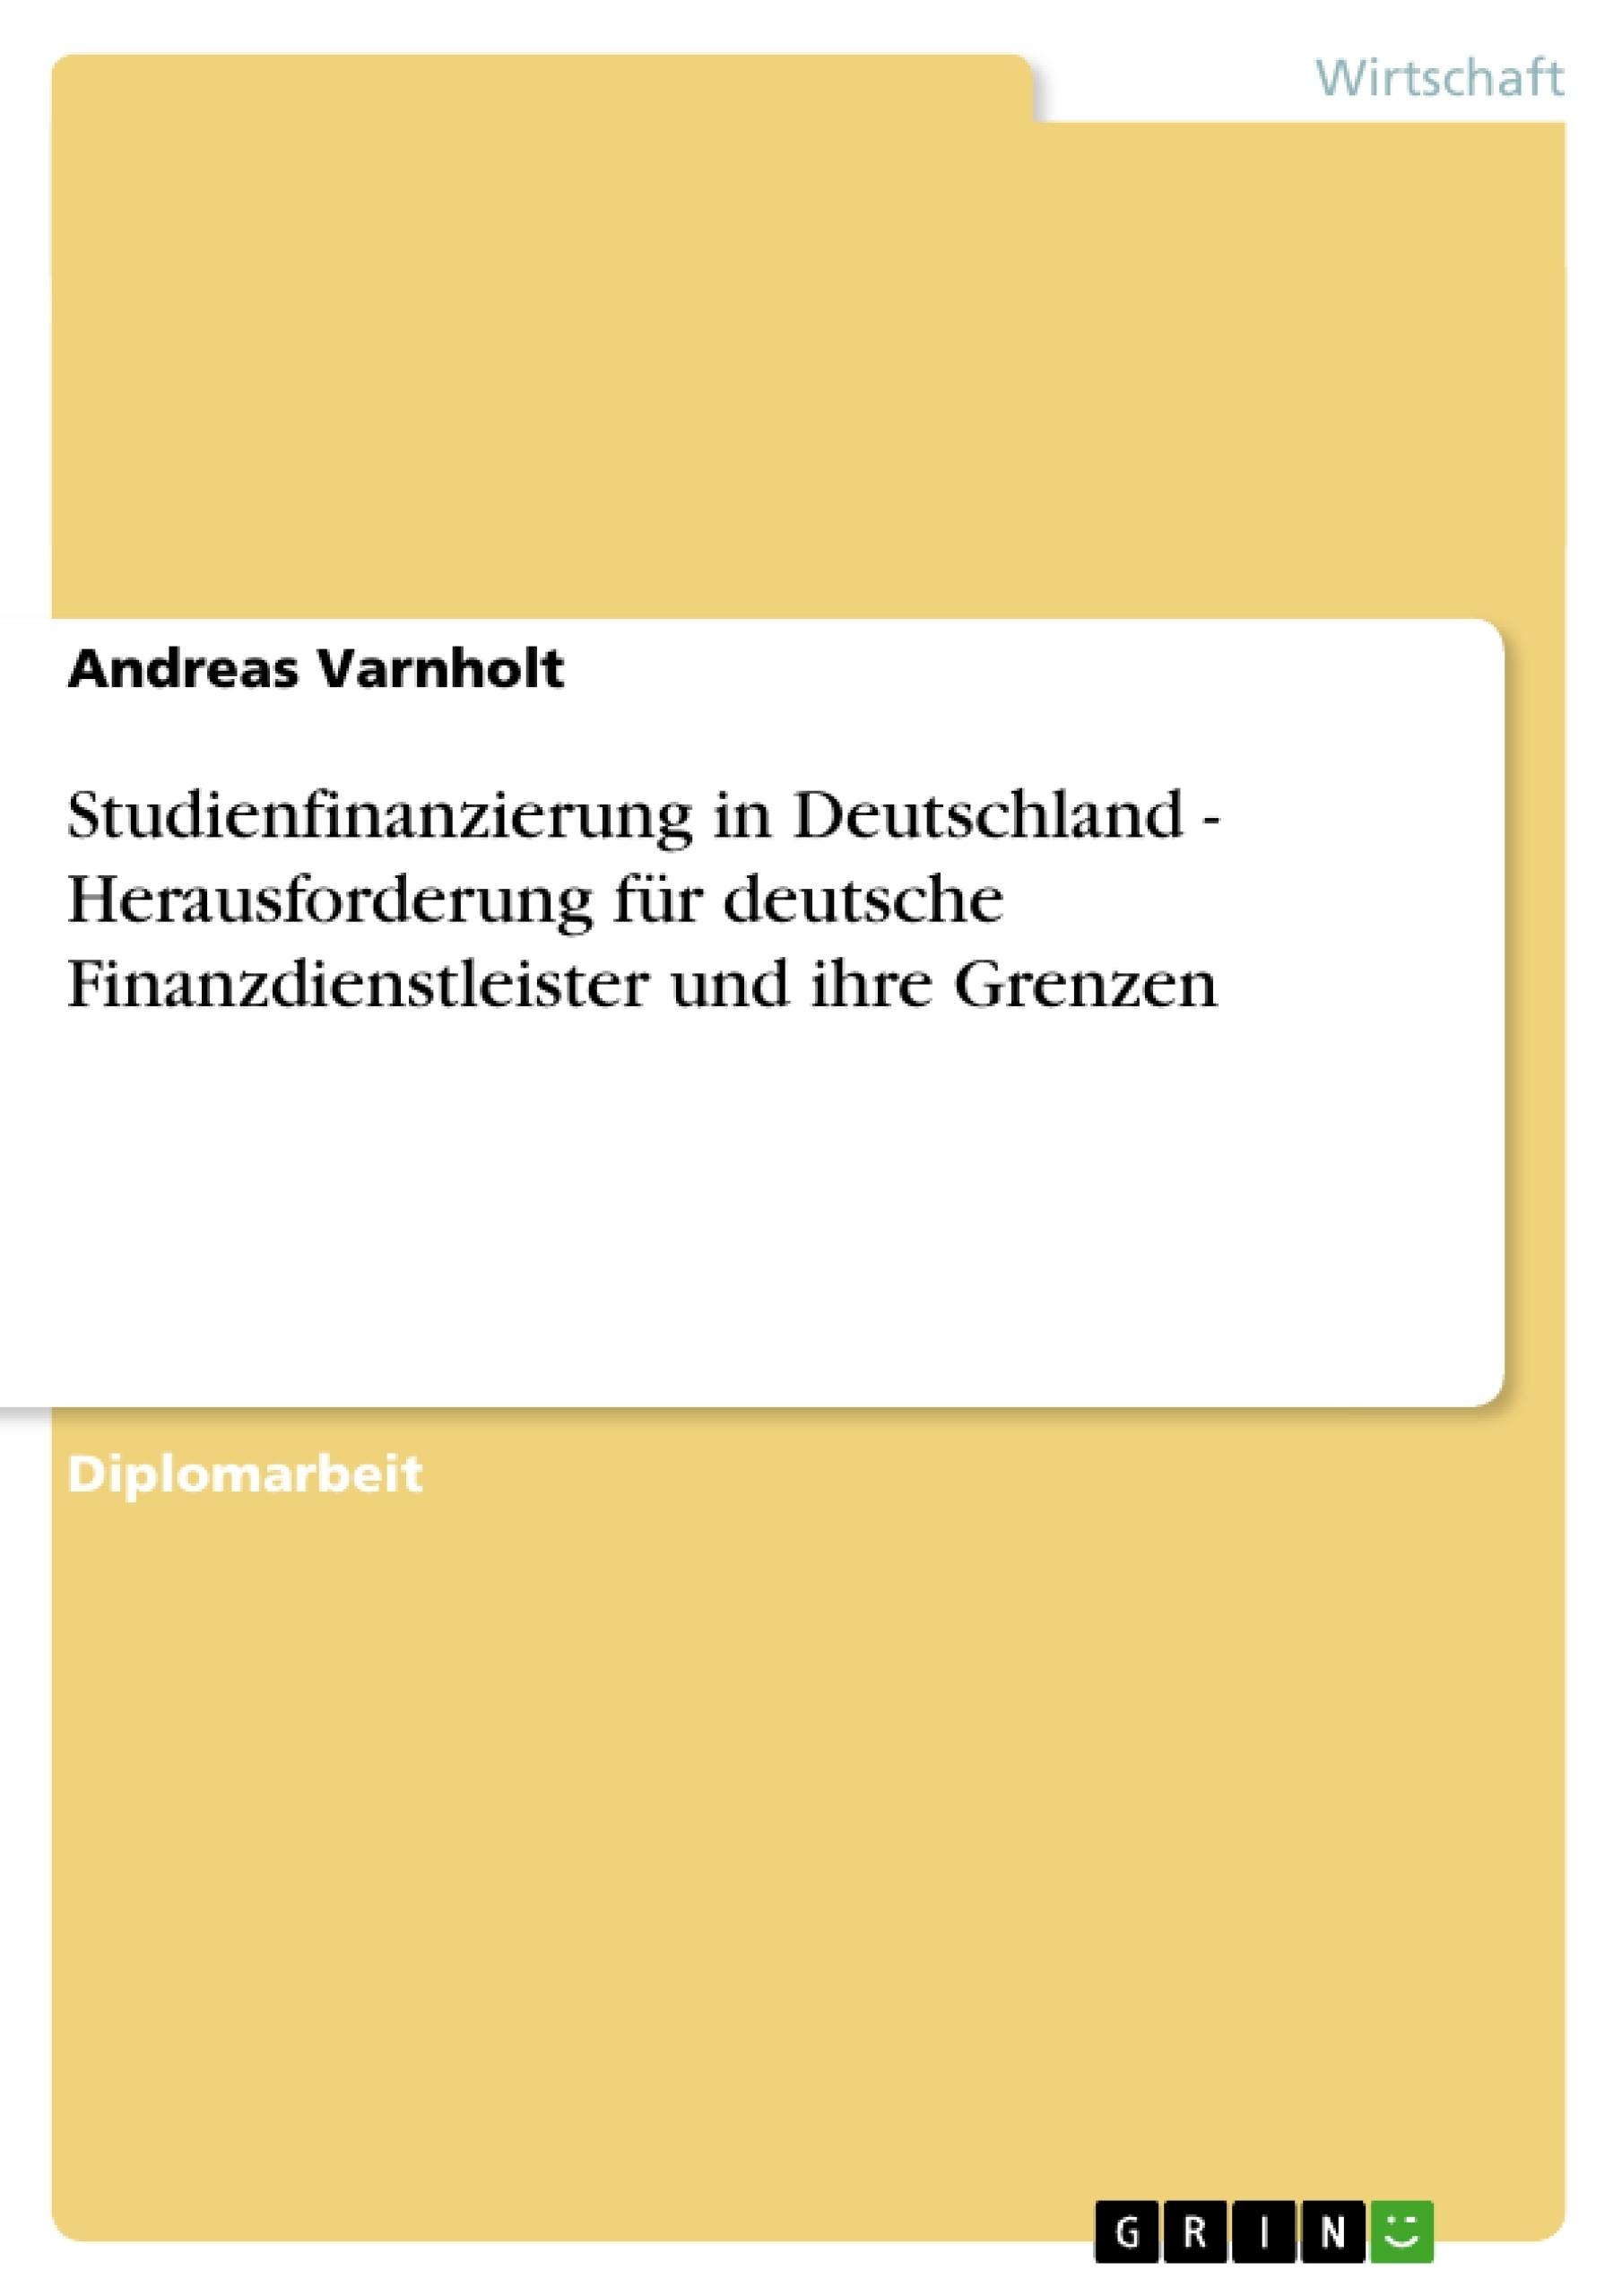 Titel: Studienfinanzierung in Deutschland - Herausforderung für deutsche Finanzdienstleister und ihre Grenzen